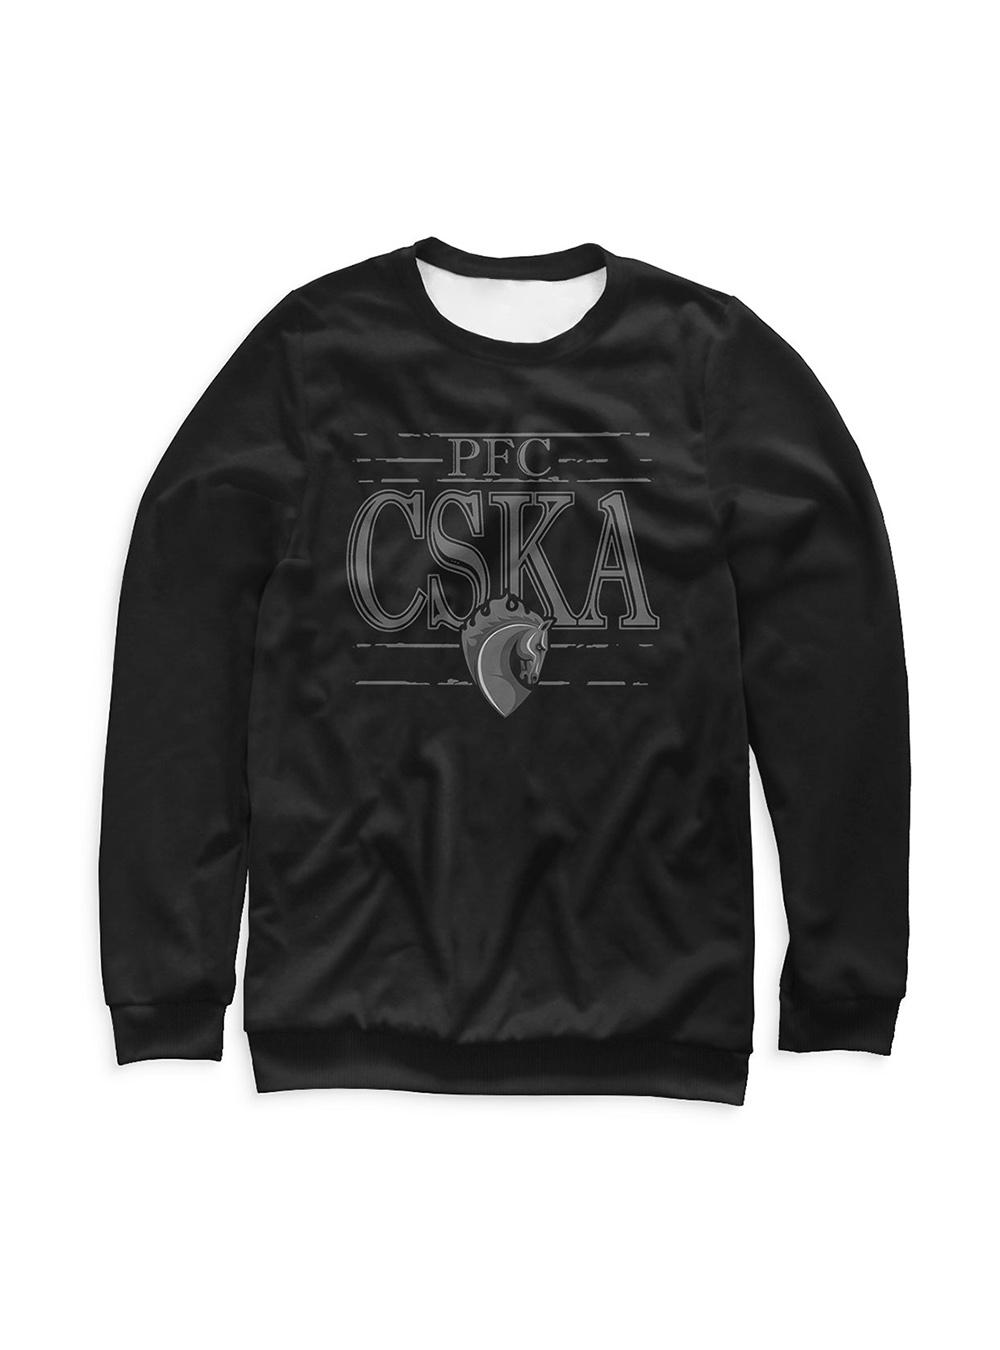 Купить Свитшот детский «PFC CSKA. Талисман», цвет черный (134) по Нижнему Новгороду